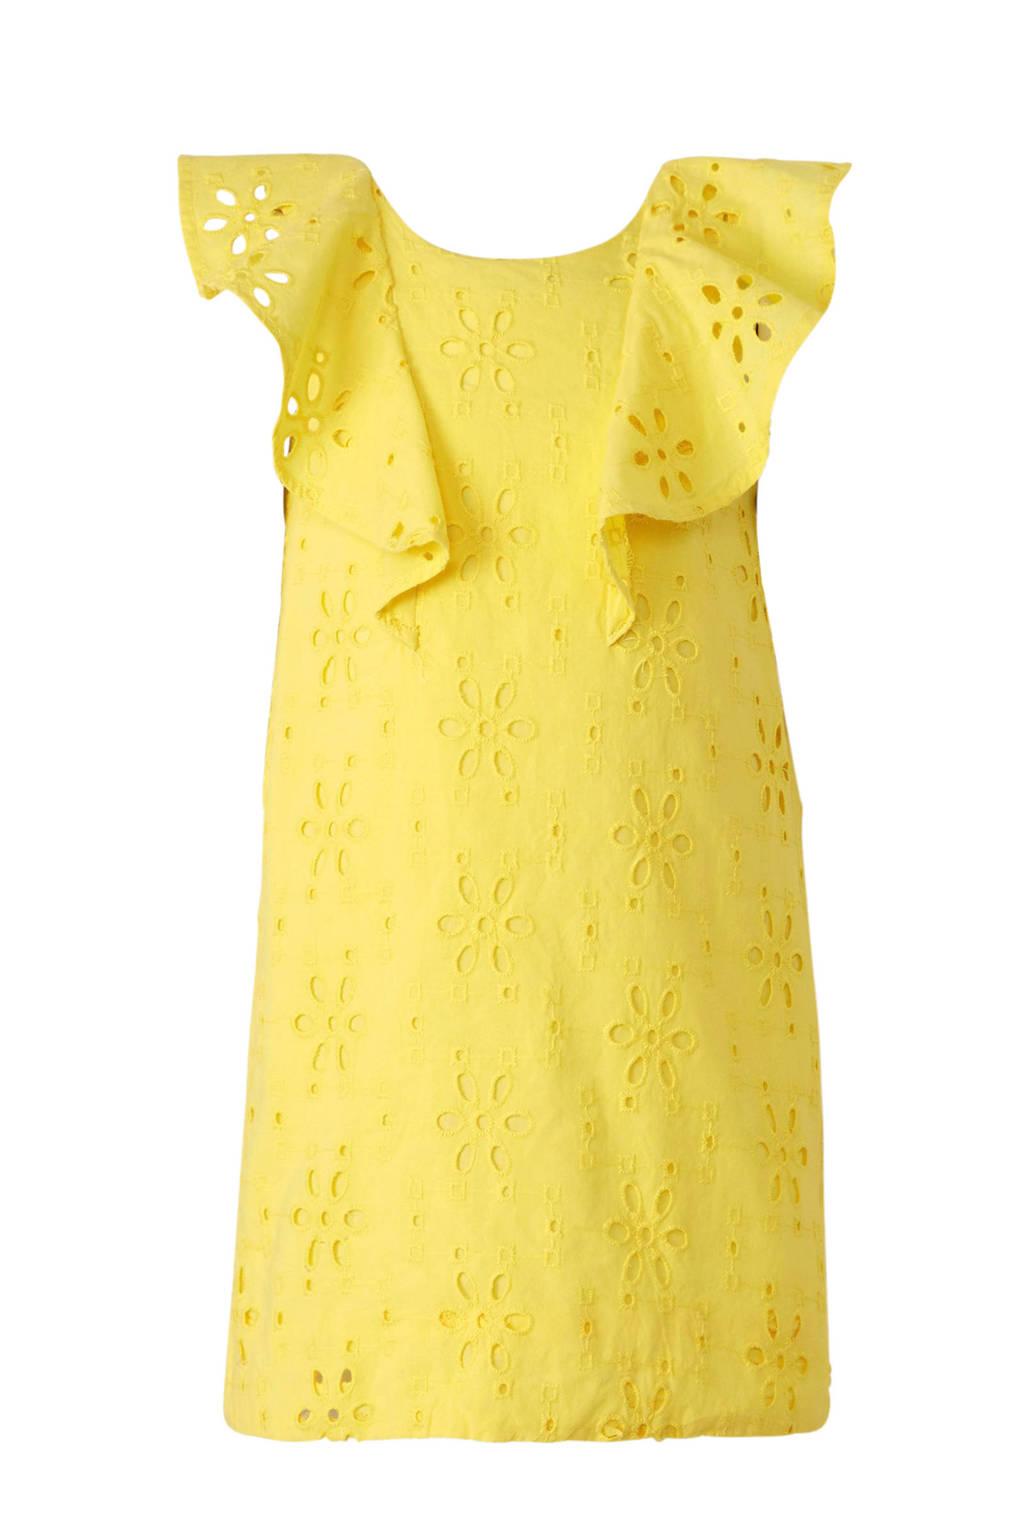 C&A Palomino jurk met broderie geel, Geel